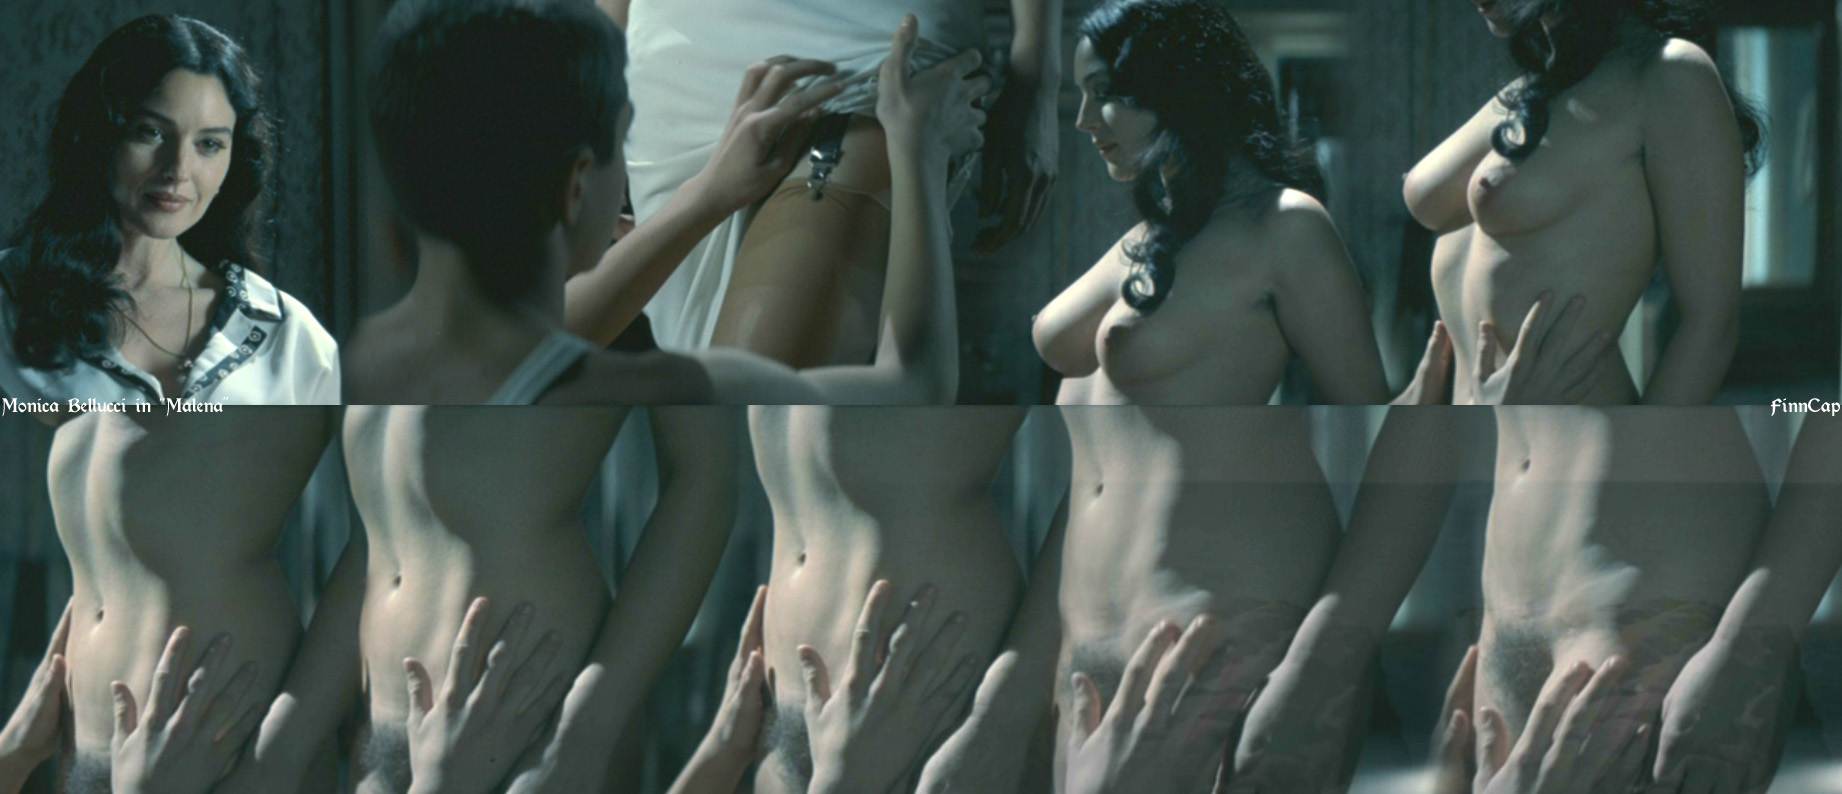 Секс с моникой белуччи смотреть бесплатно 22 фотография